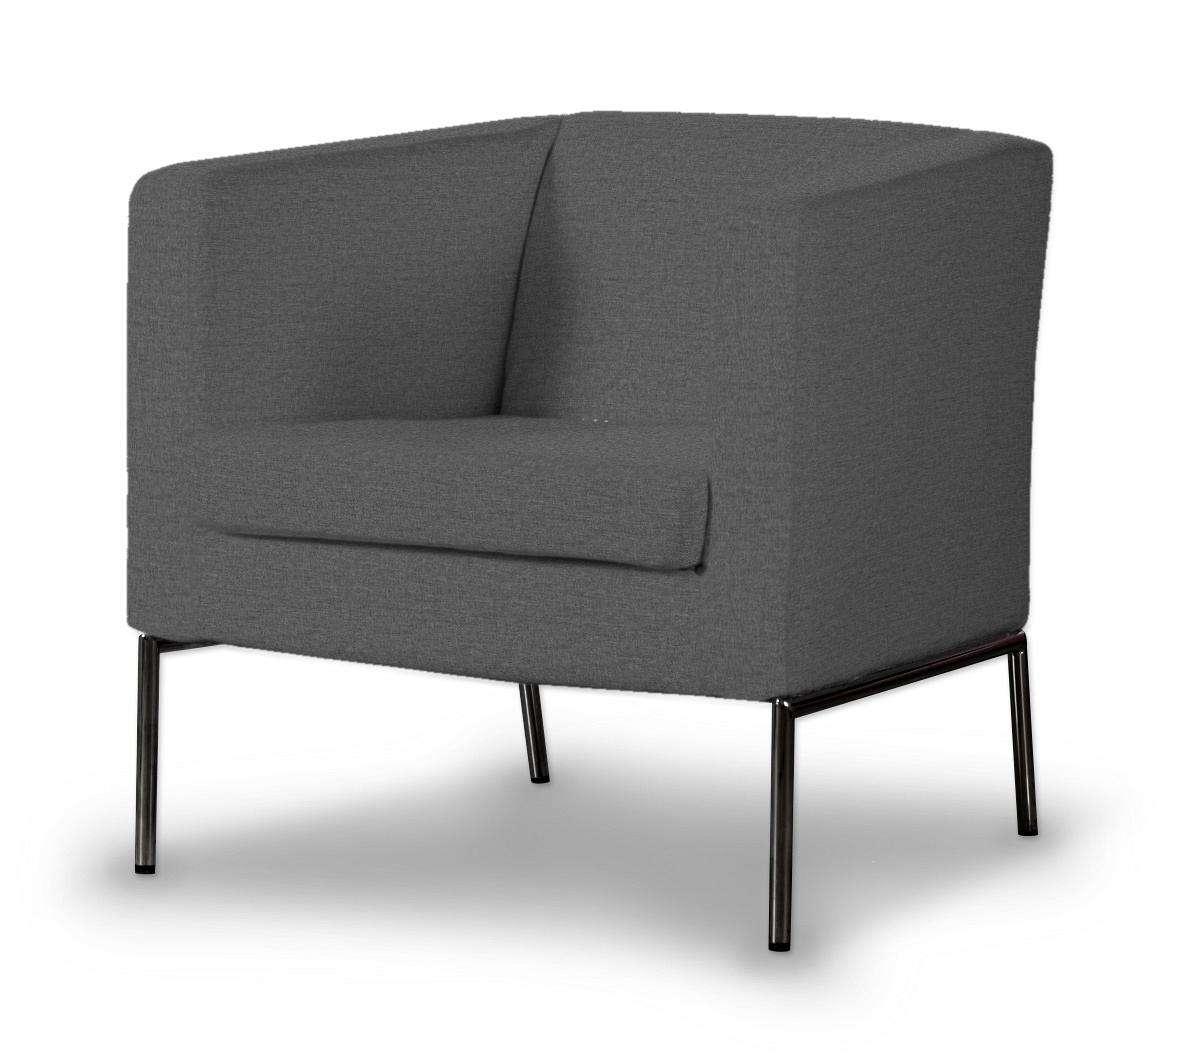 Pokrowiec na fotel Klappsta Fotel Klappsta w kolekcji Edinburgh, tkanina: 115-77